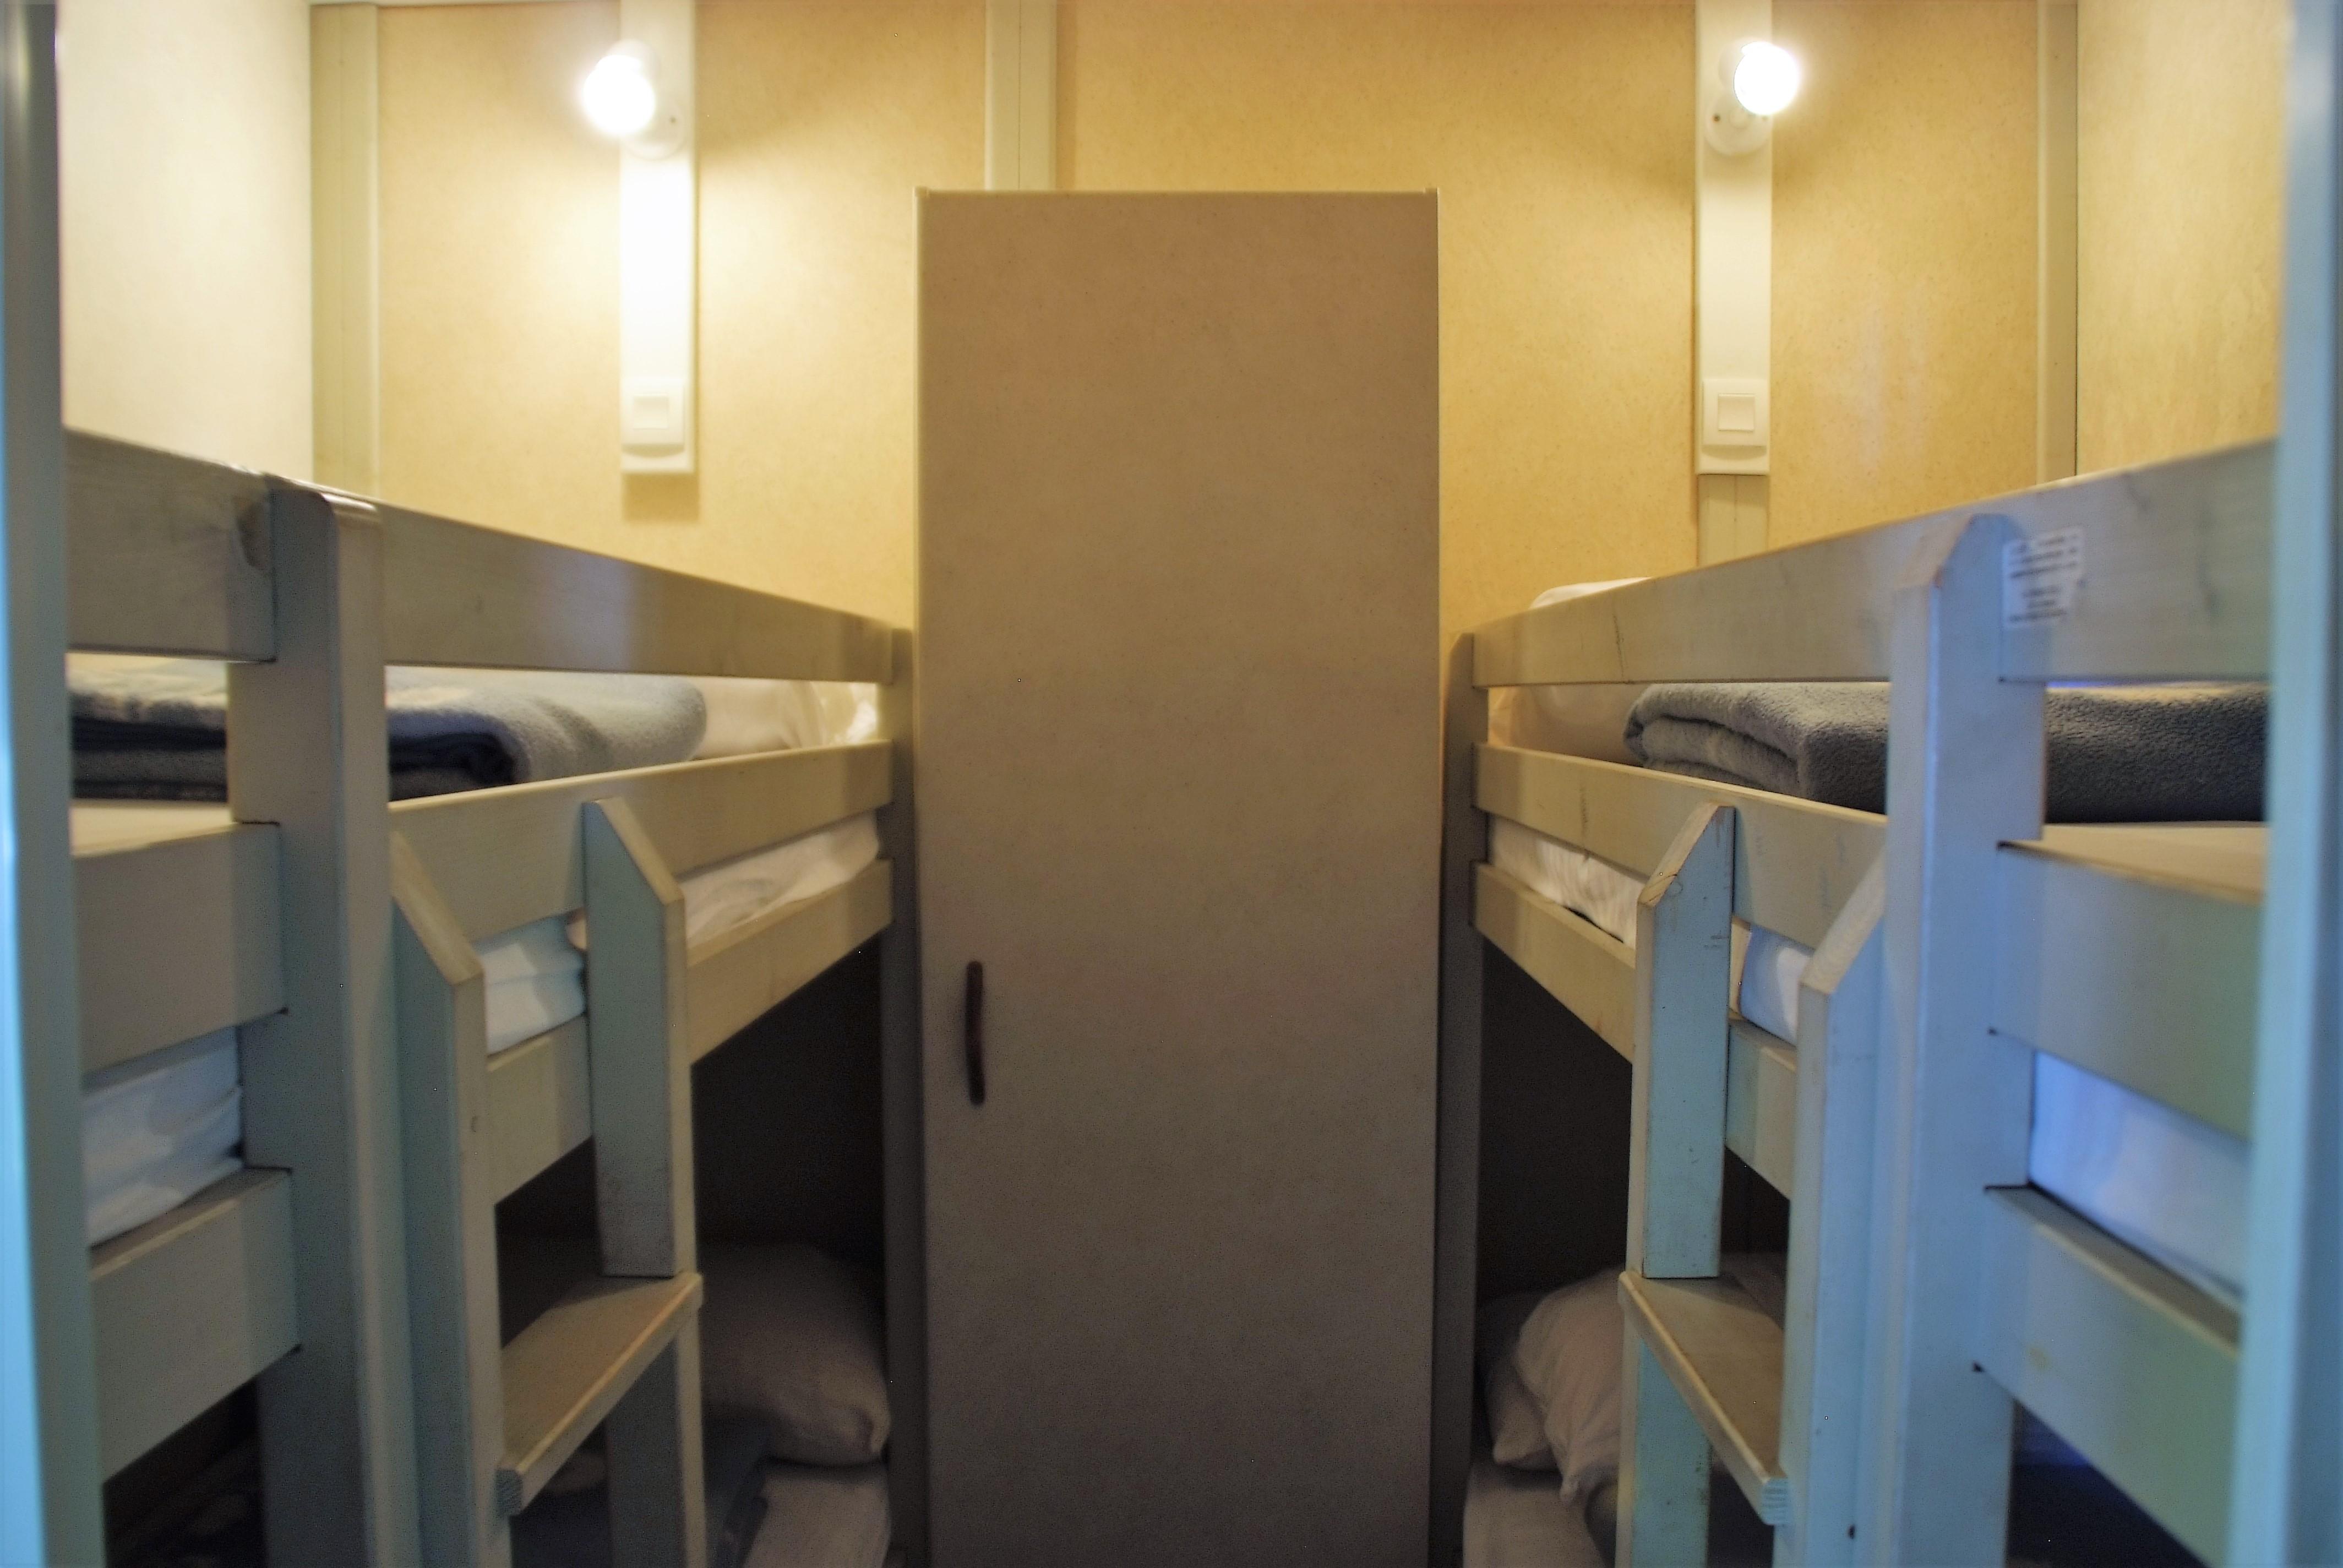 Two bunk bedroom